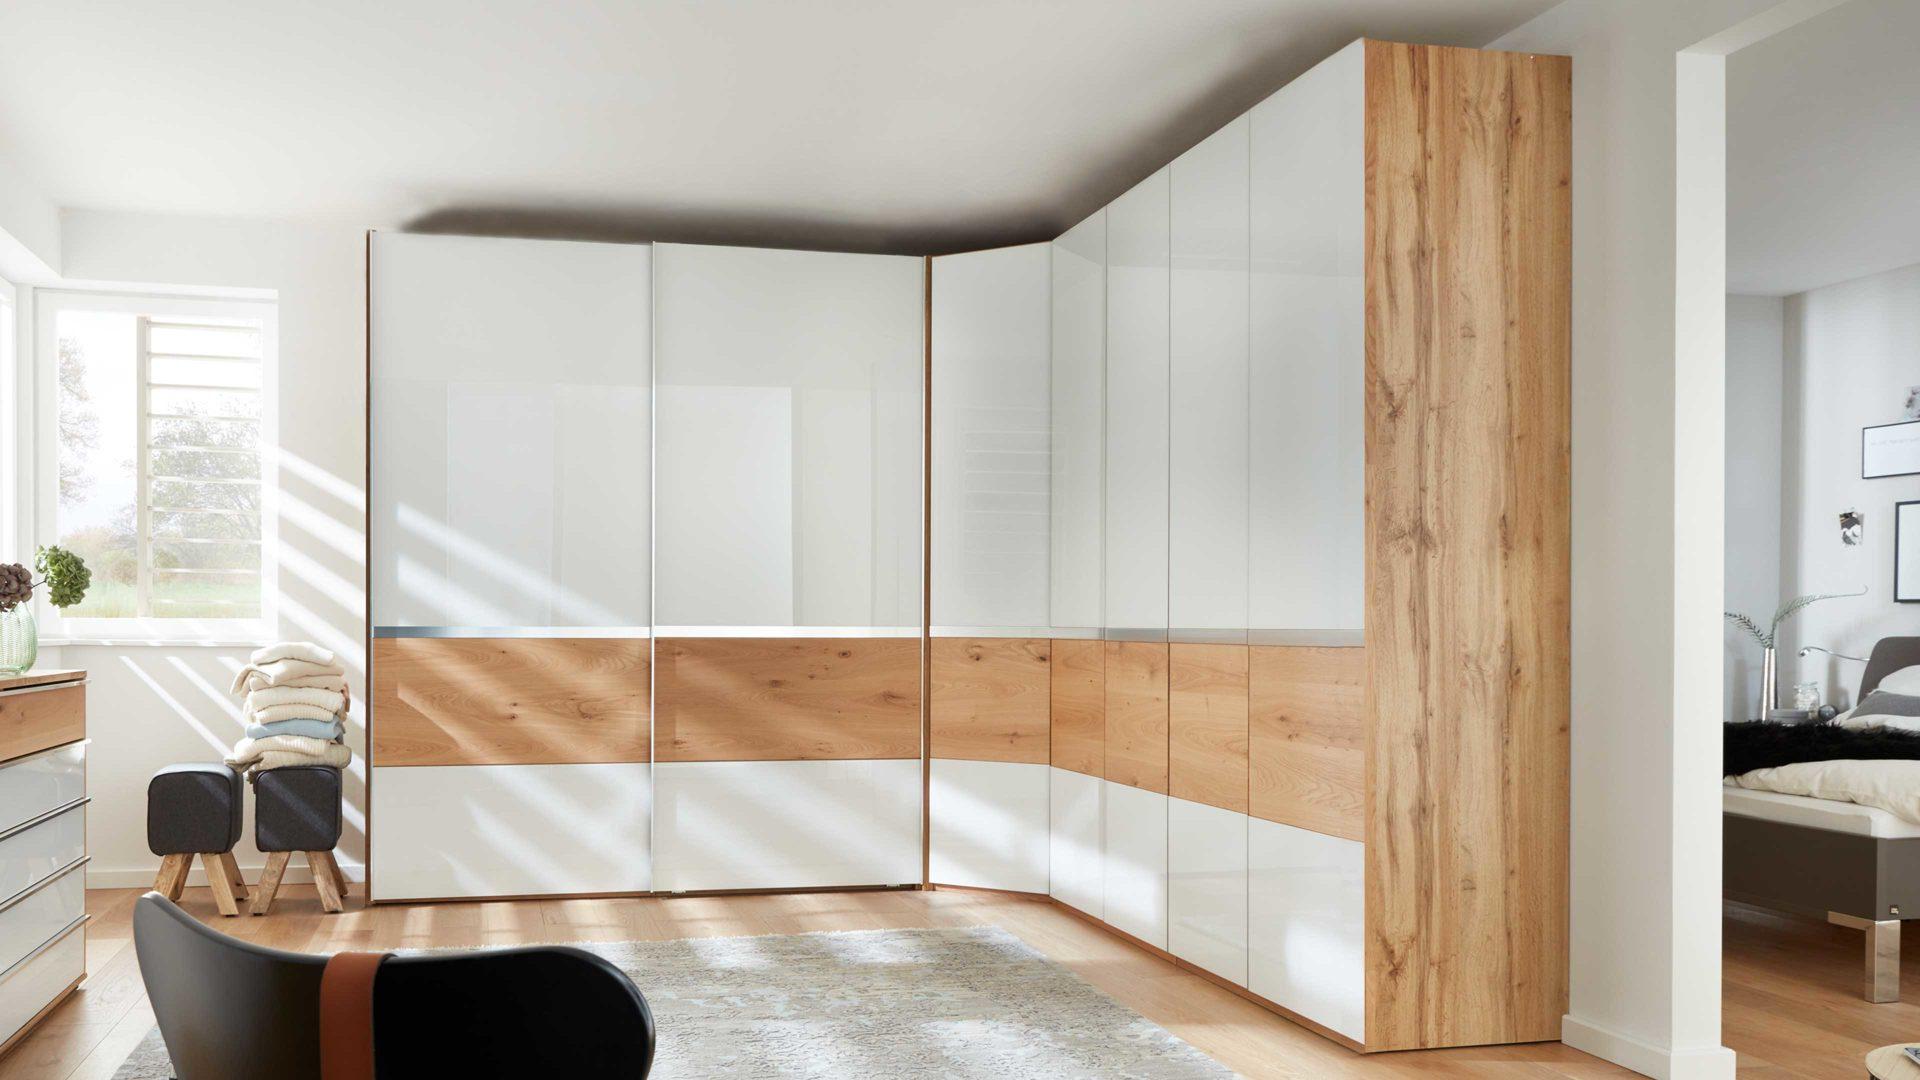 Interliving Schlafzimmer Serie 18 – Eckschrankkombination, teilmassive  Balkeneiche & weißes Glas – dreiteilig